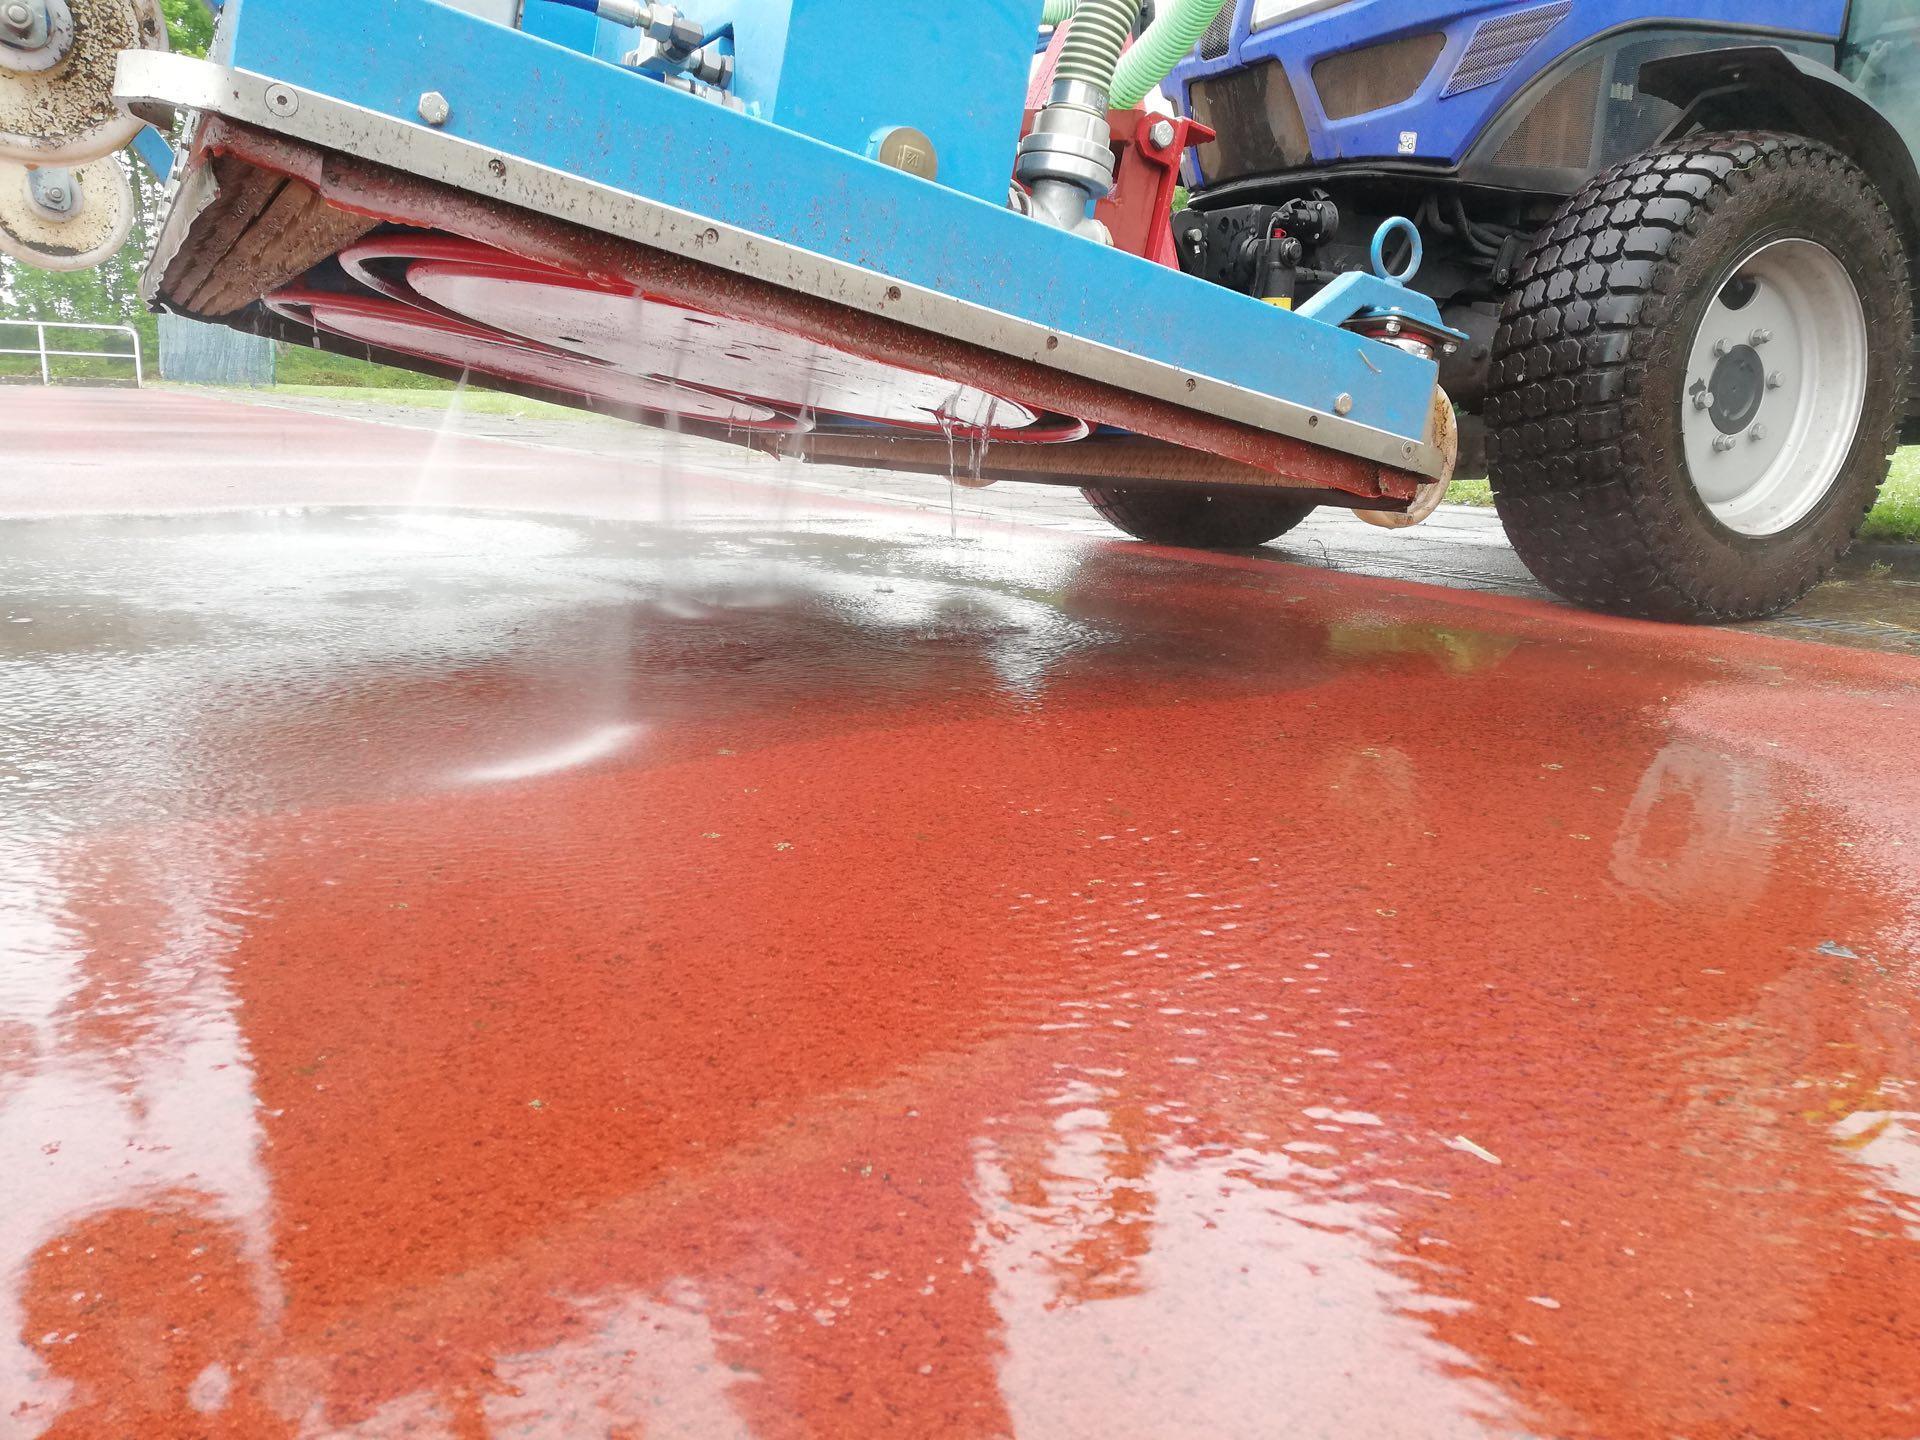 Reinigung Tartanbahn mit Schmutzwasser Aufnahme